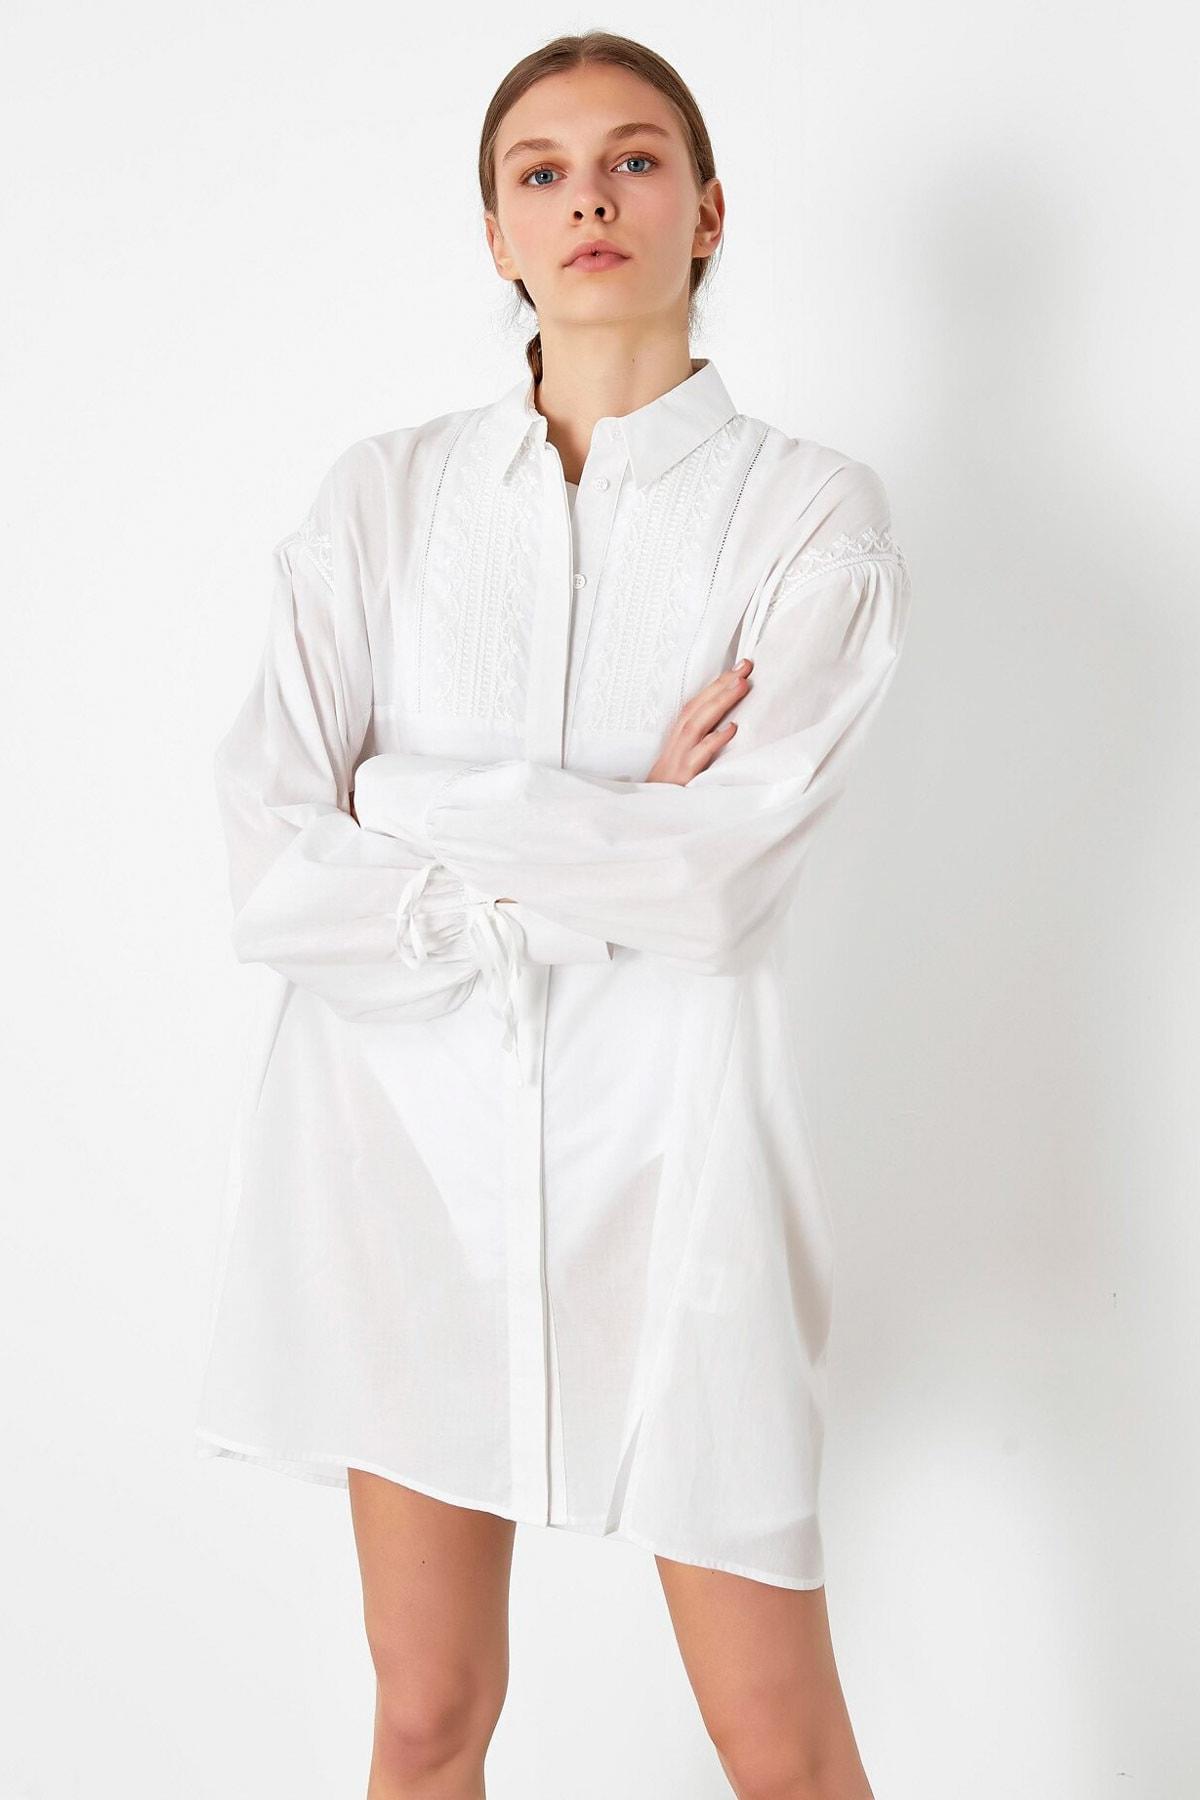 İpekyol Kadın Beyaz Nakış İşli Tunik IS1200016065002 1